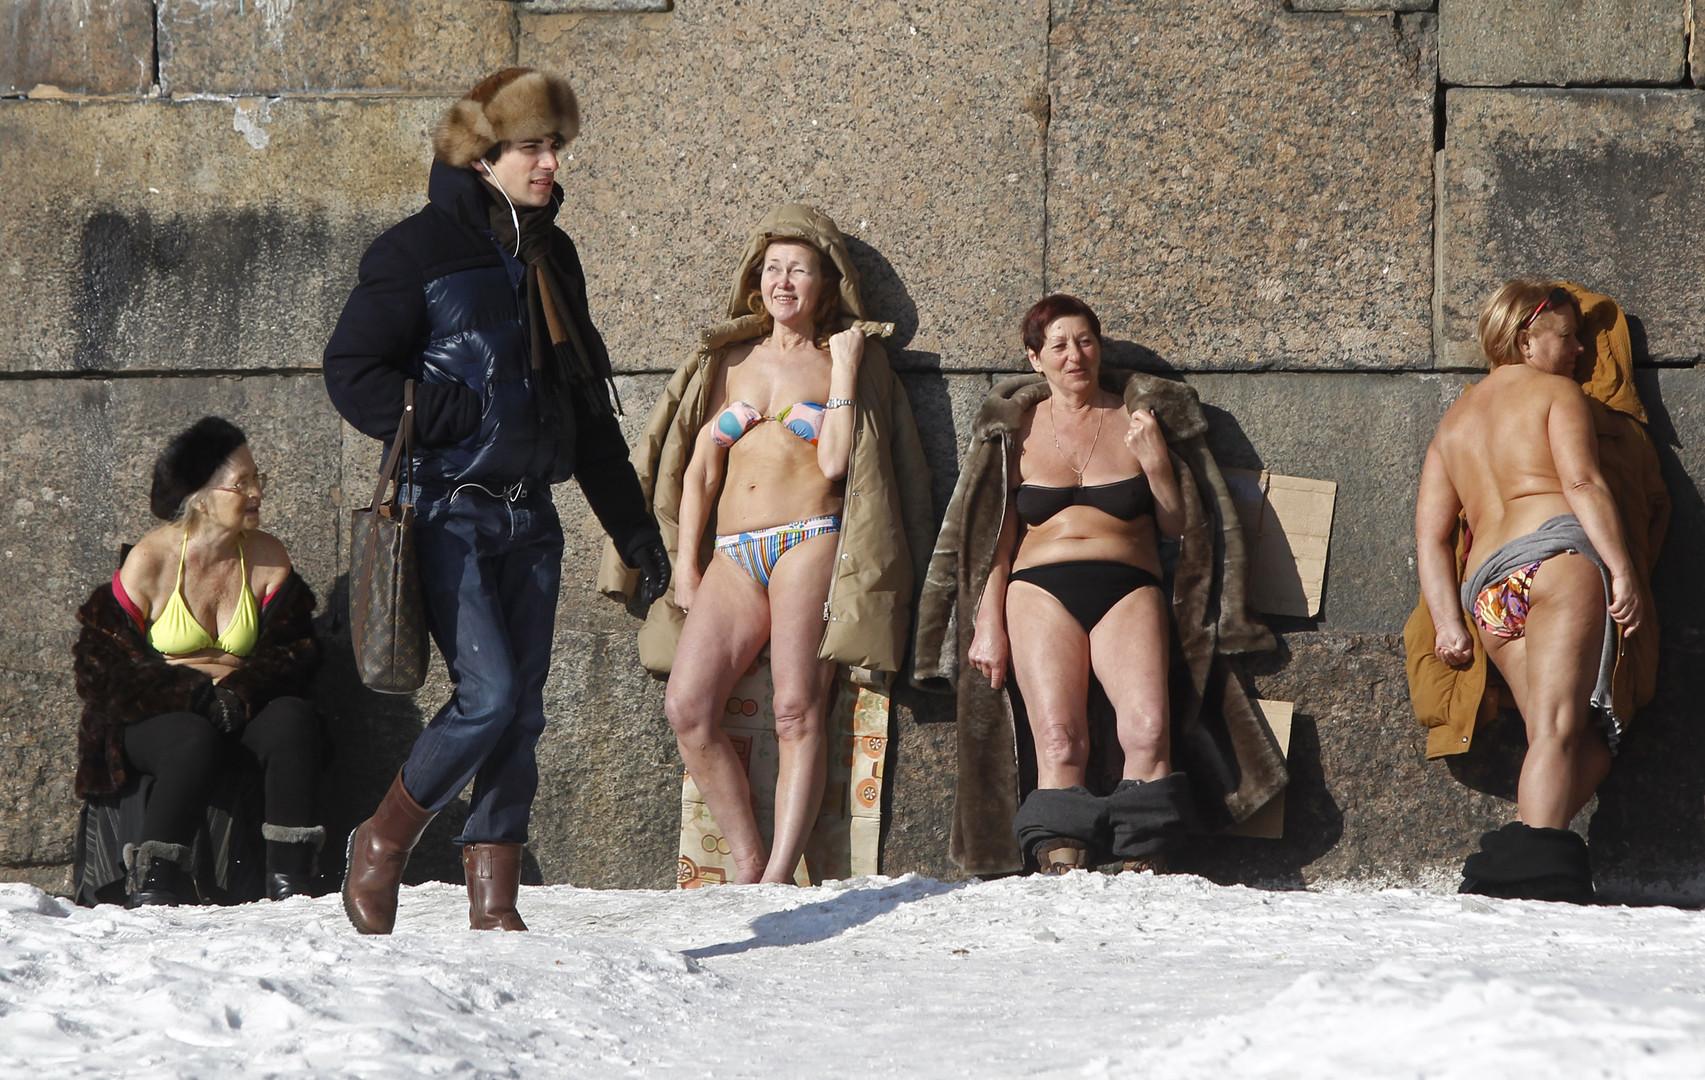 In der Peter und Paul Festung wird dagegen auch gern mal sonnengebadet - auch im Winter, wie hier im März 2010.